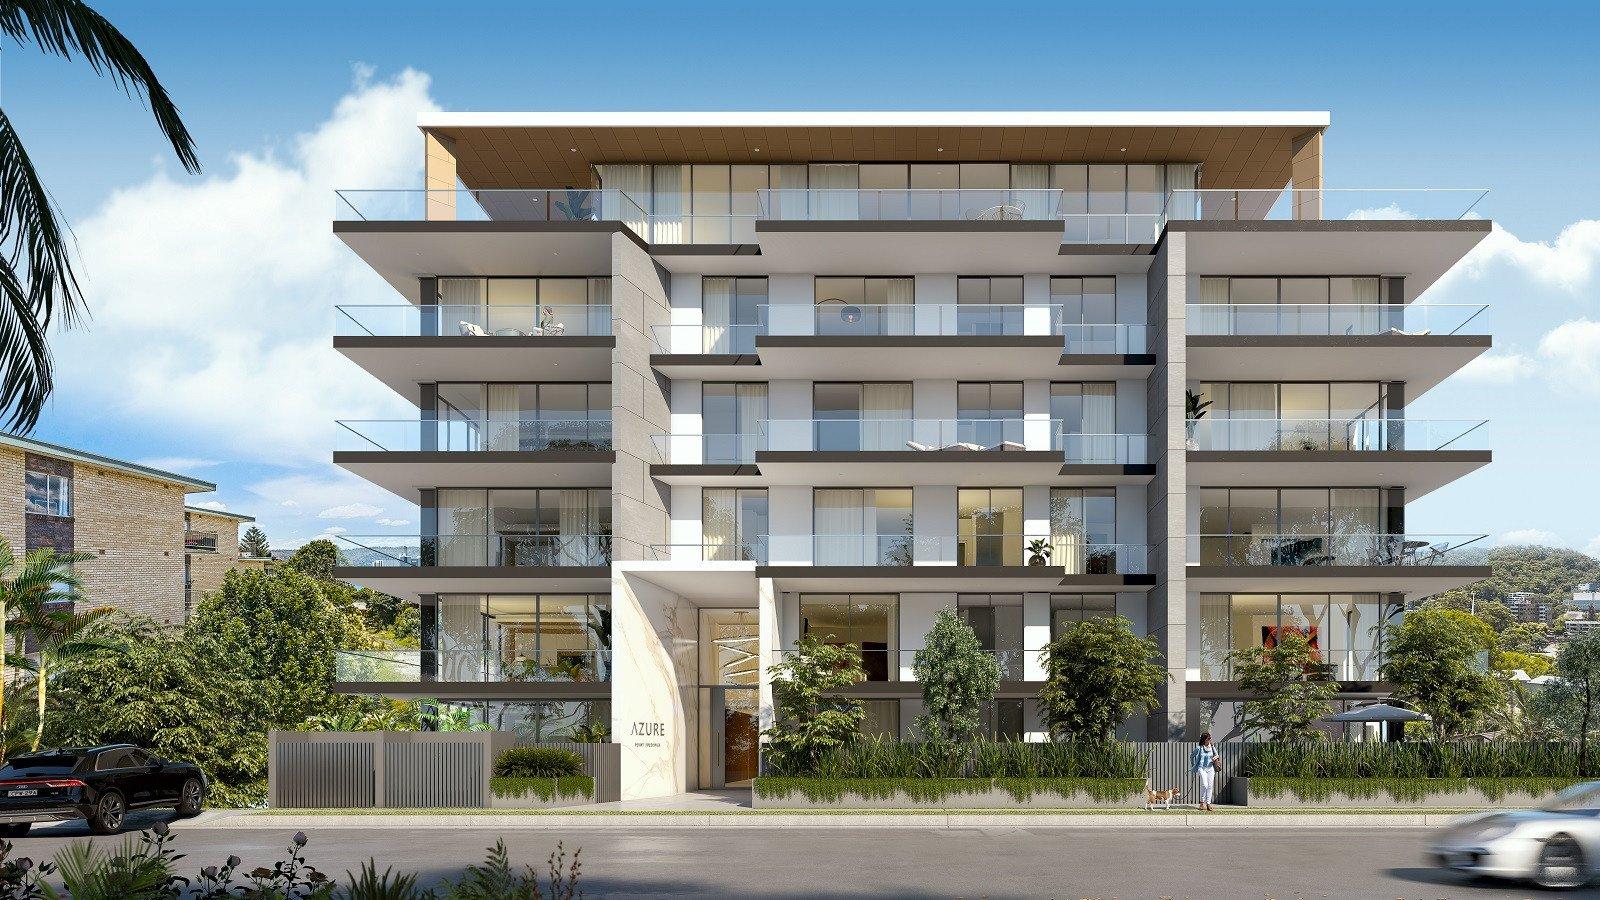 Azure Apartments-image-3